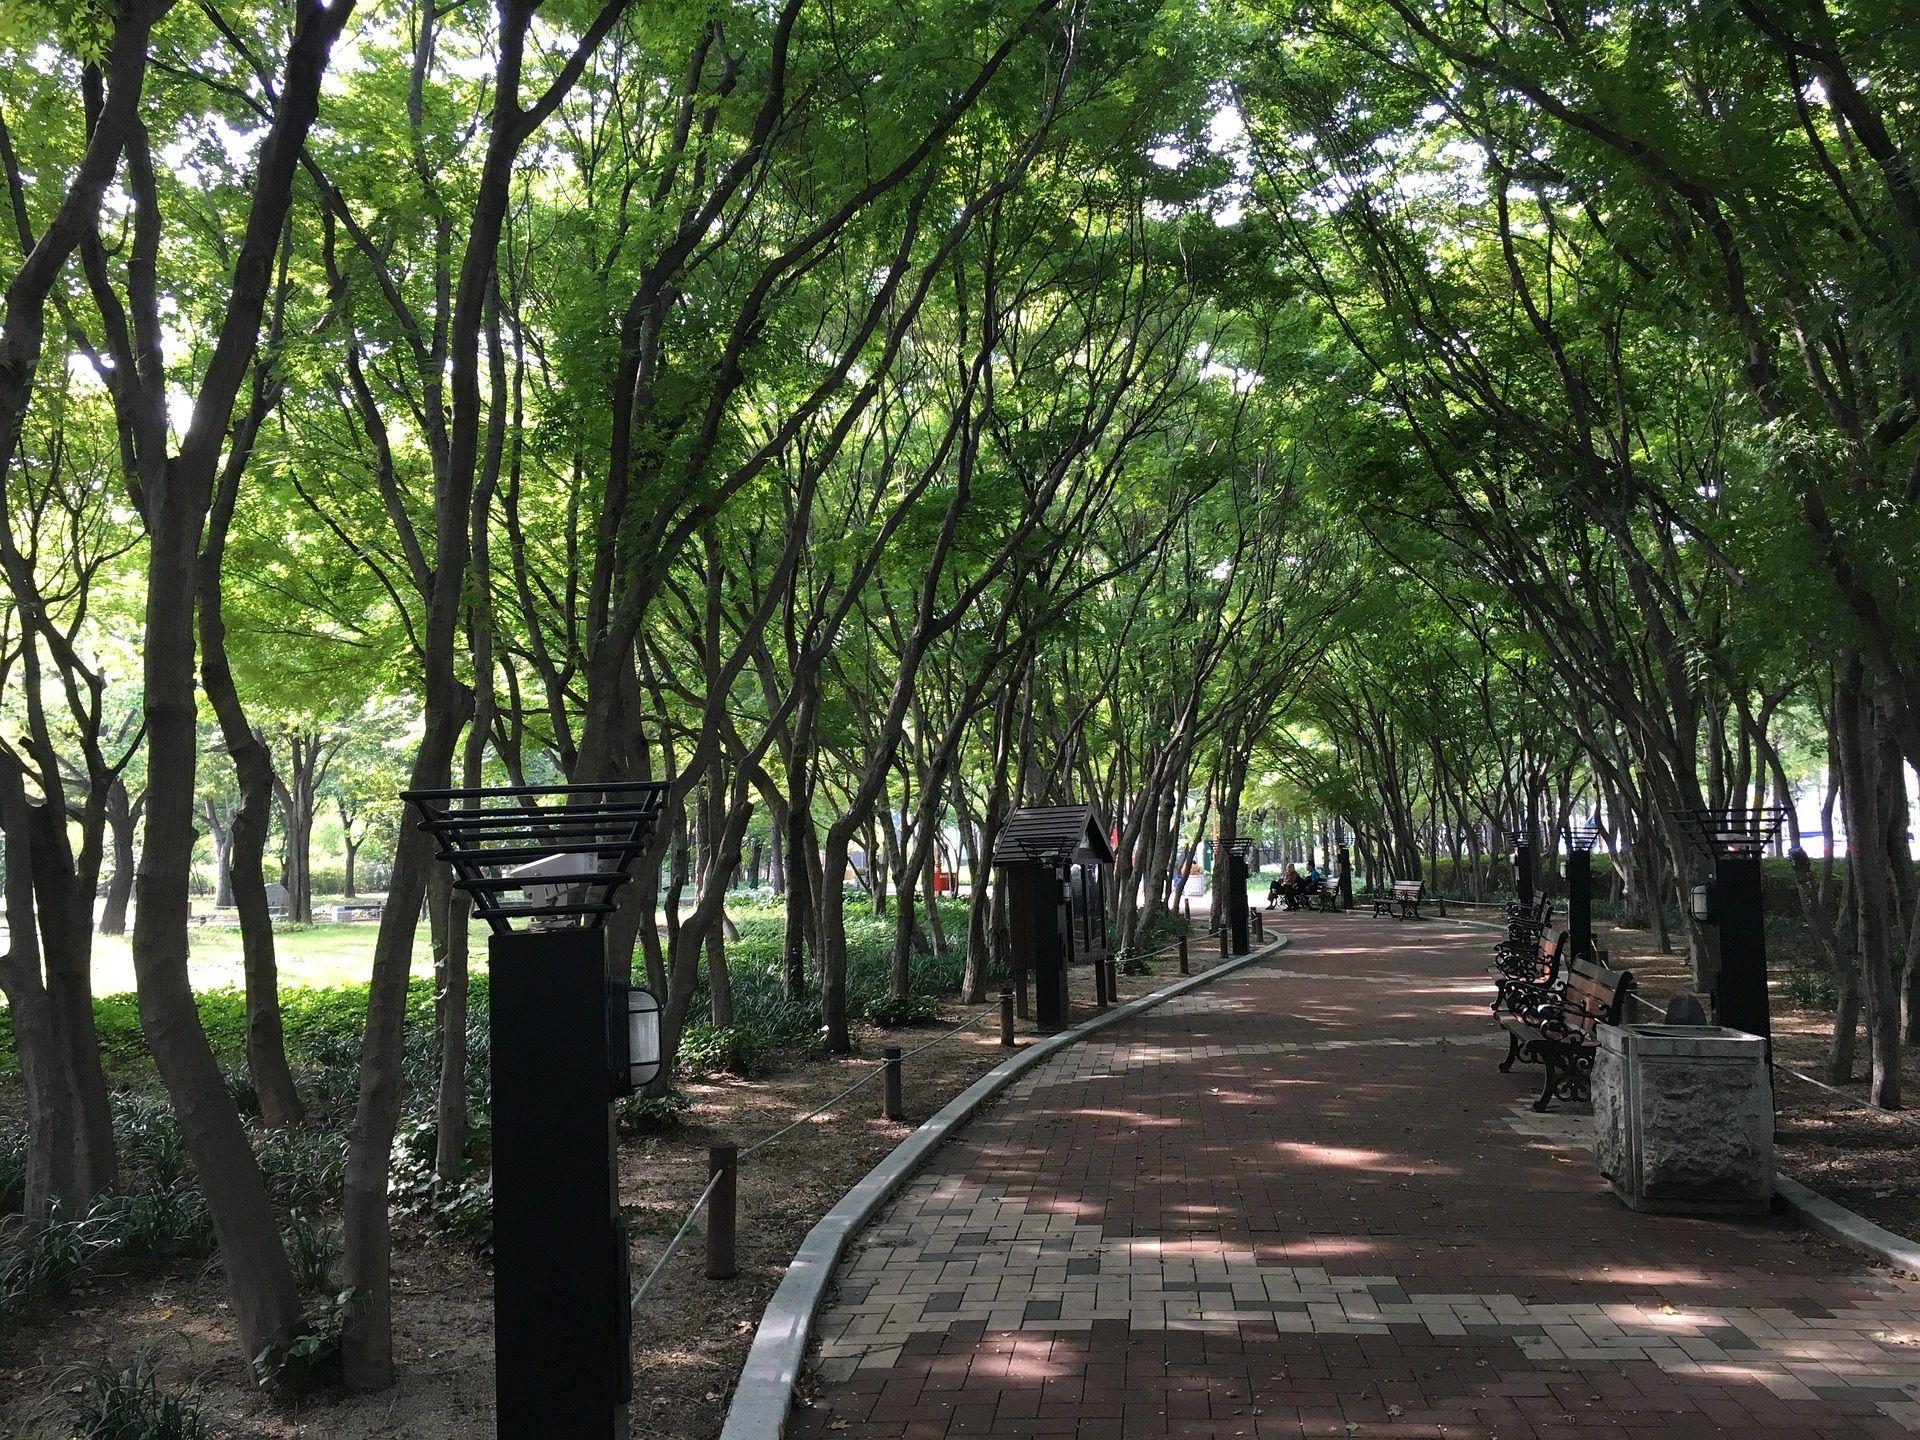 parque, árboles, camino, baldosas, daegu, 1703280837